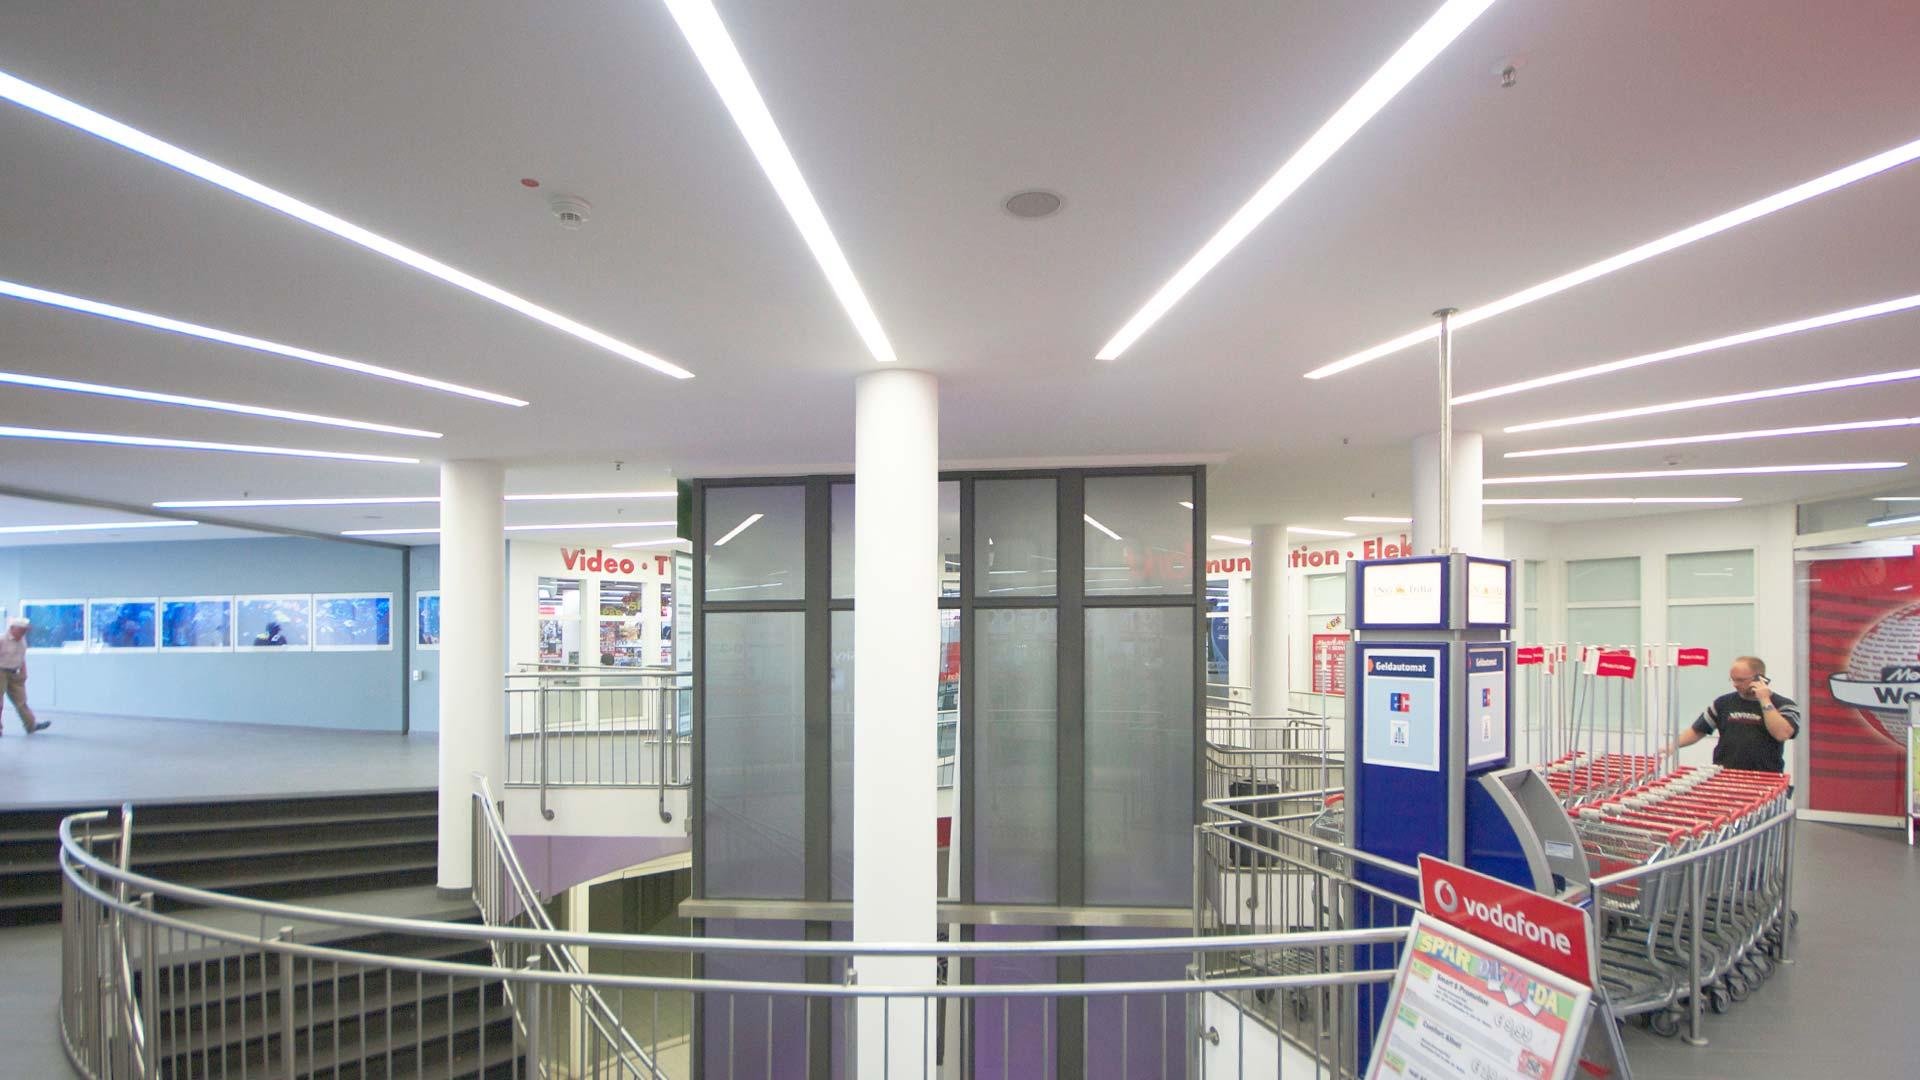 MAASS-Lichtplanung_Lichtplanung für das Erlenring Center in Marburg__MAASS-EC-Marburg-006